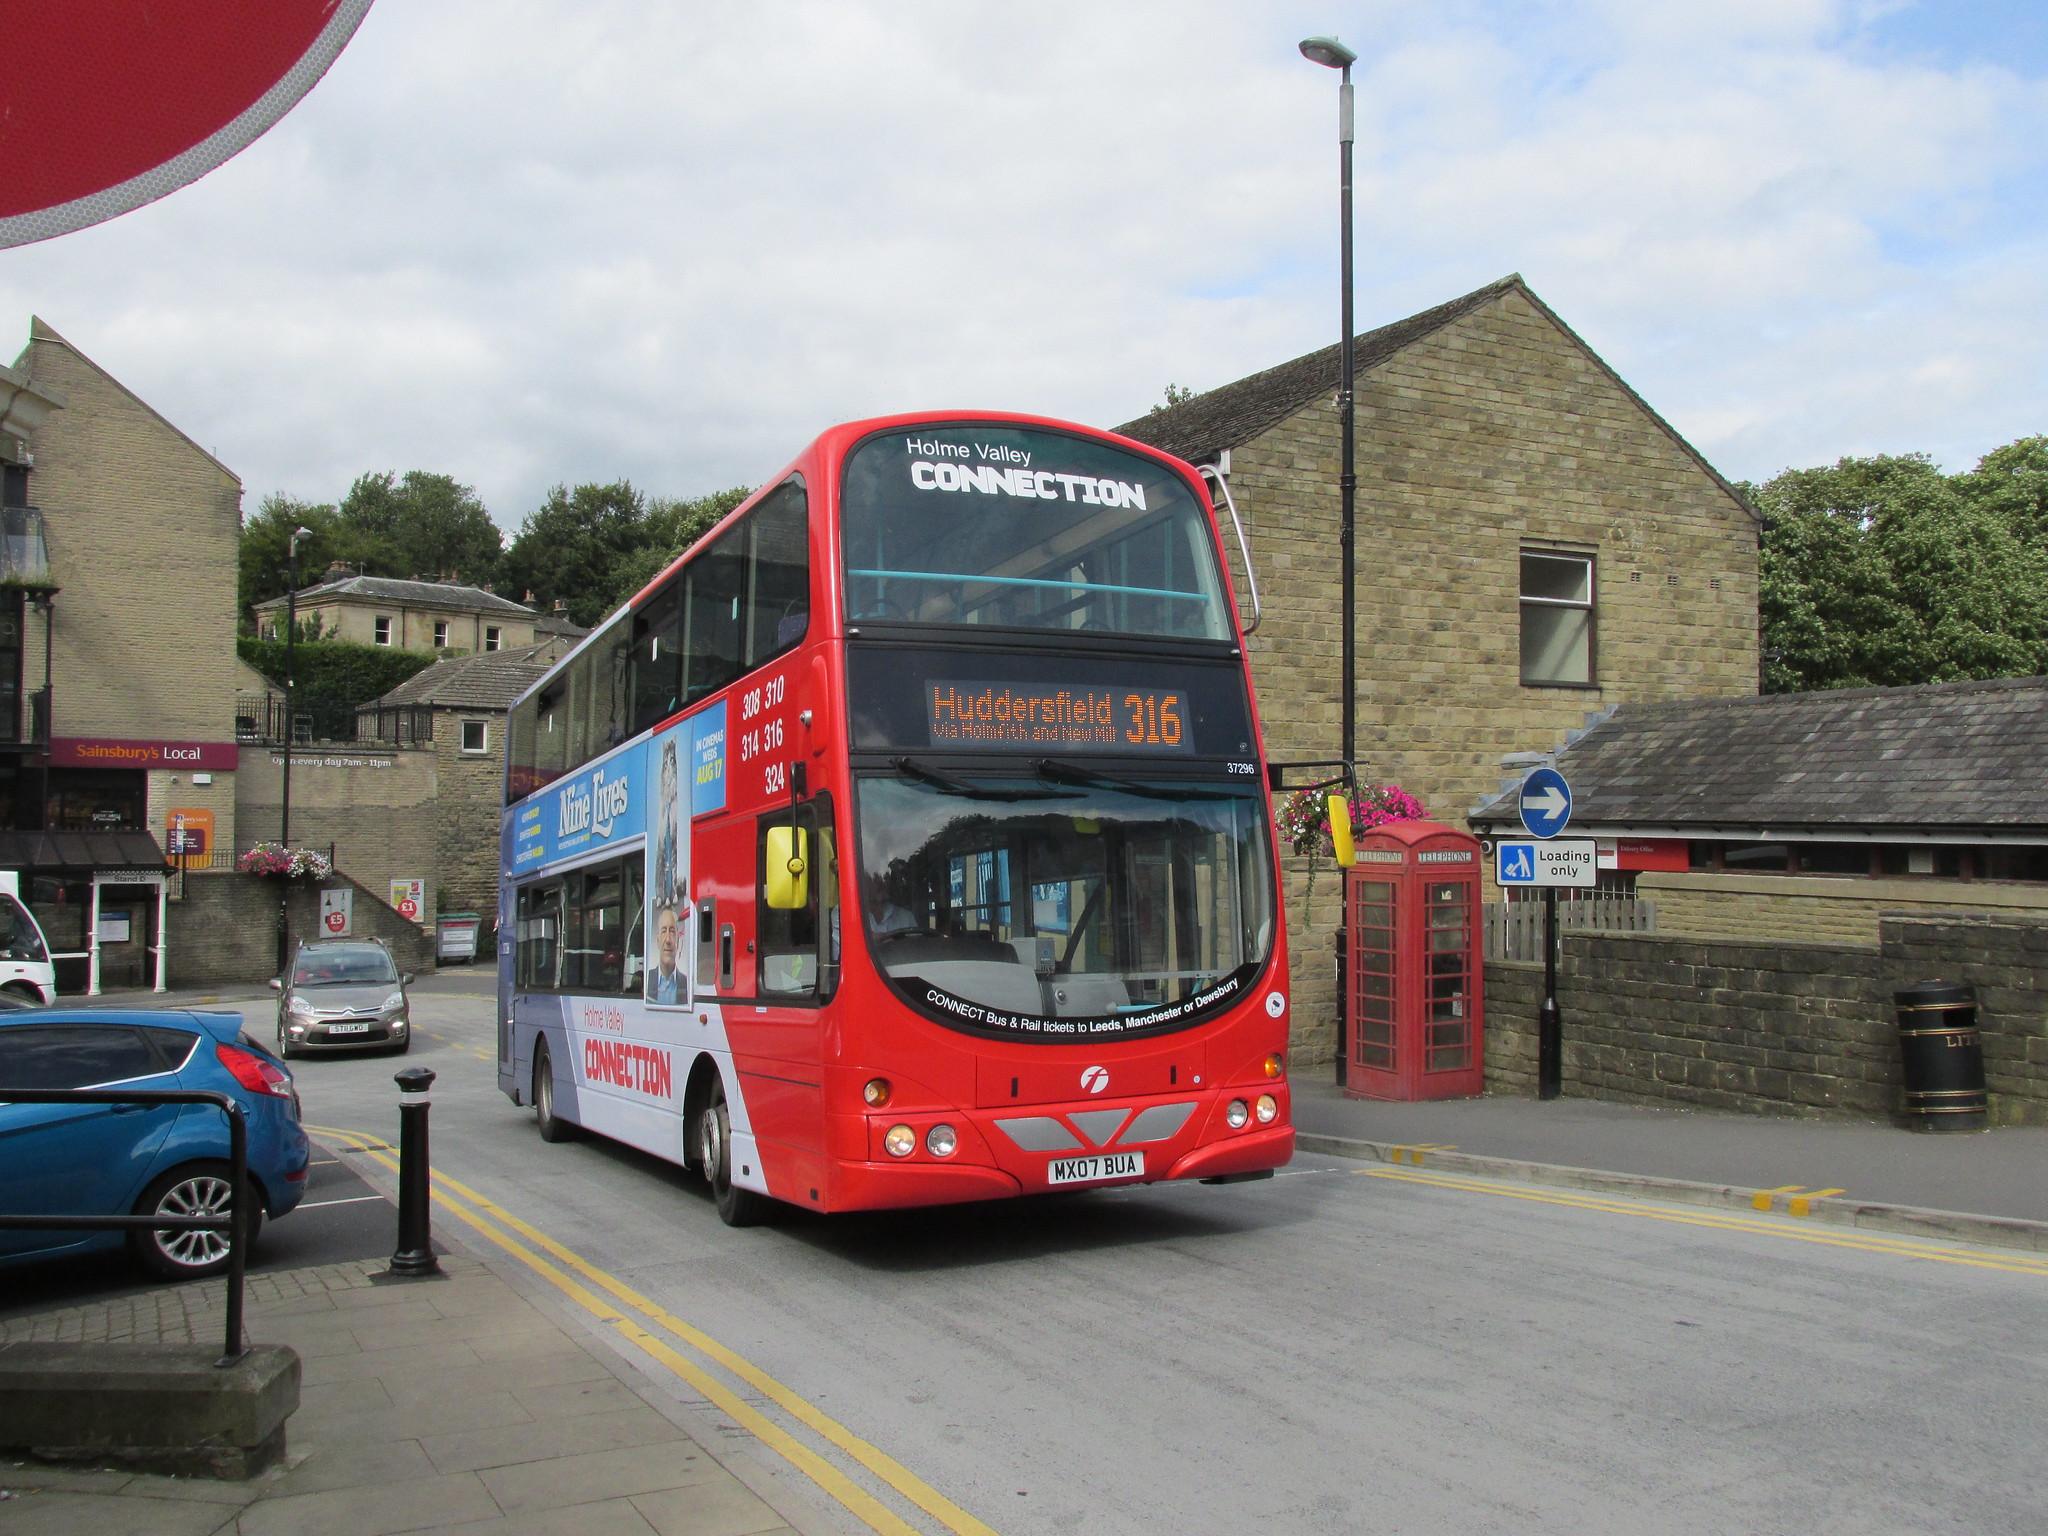 #AYearOfBuses 316: Parkhead – Huddersfield